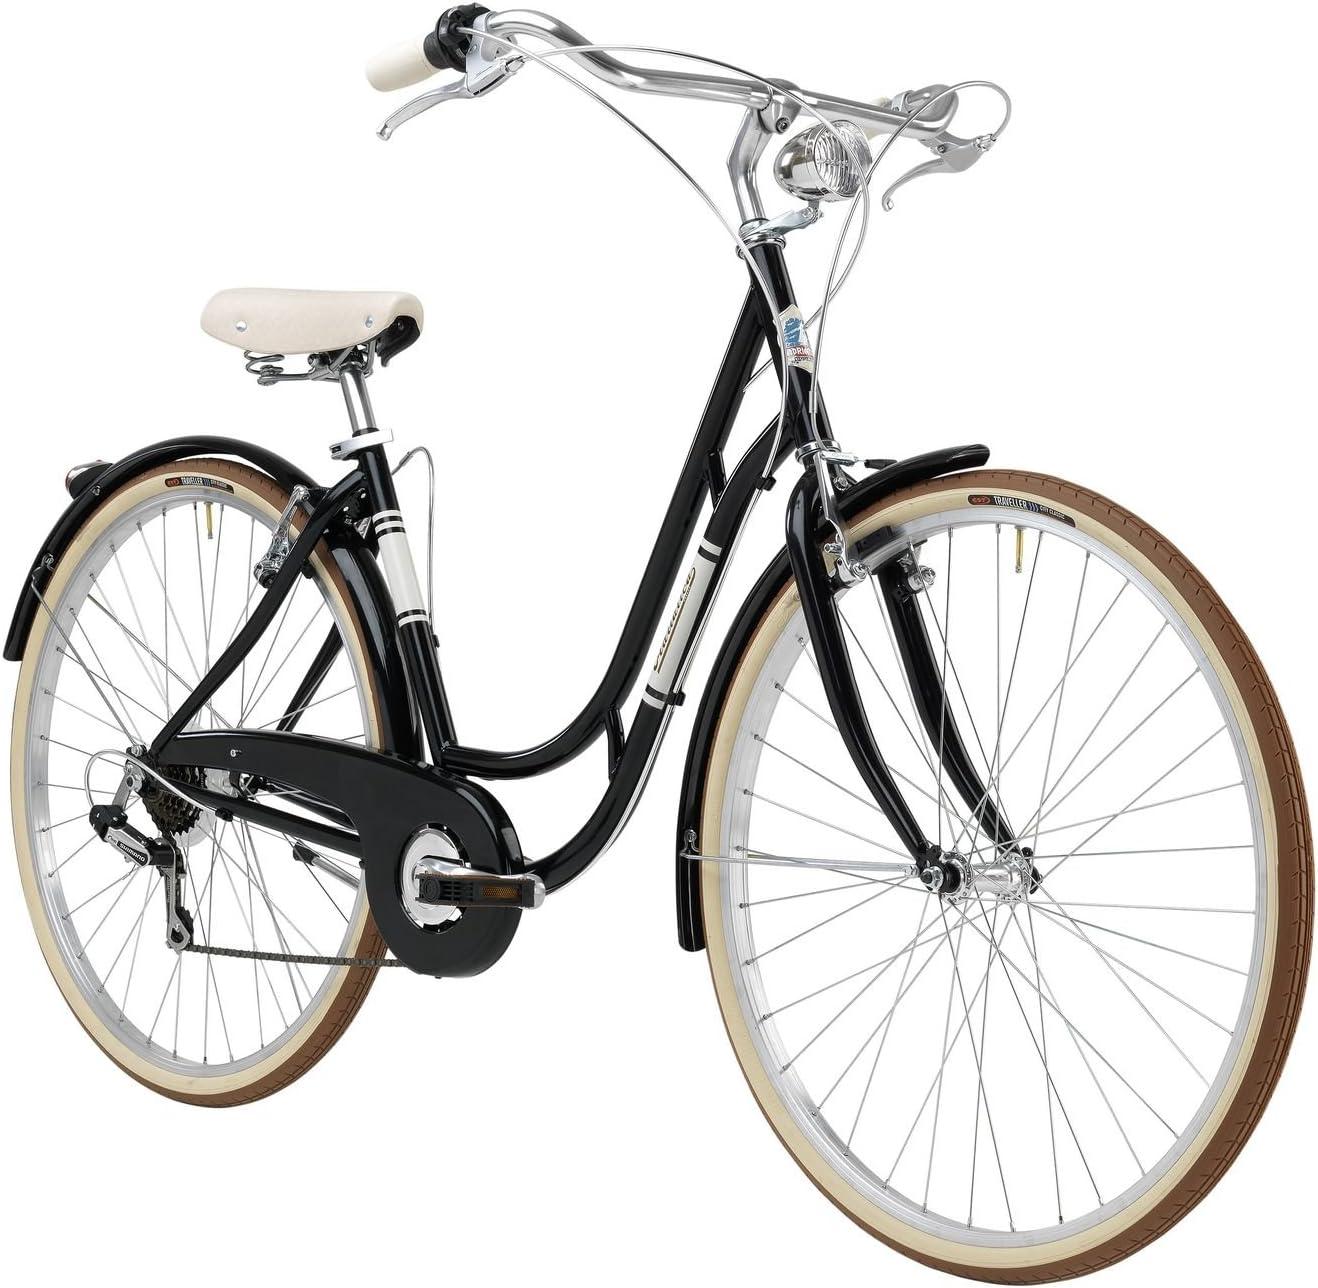 Bicicleta Clasica Retro Vintage Mujer Adriatica Danish 48cm 6v Negro: Amazon.es: Deportes y aire libre